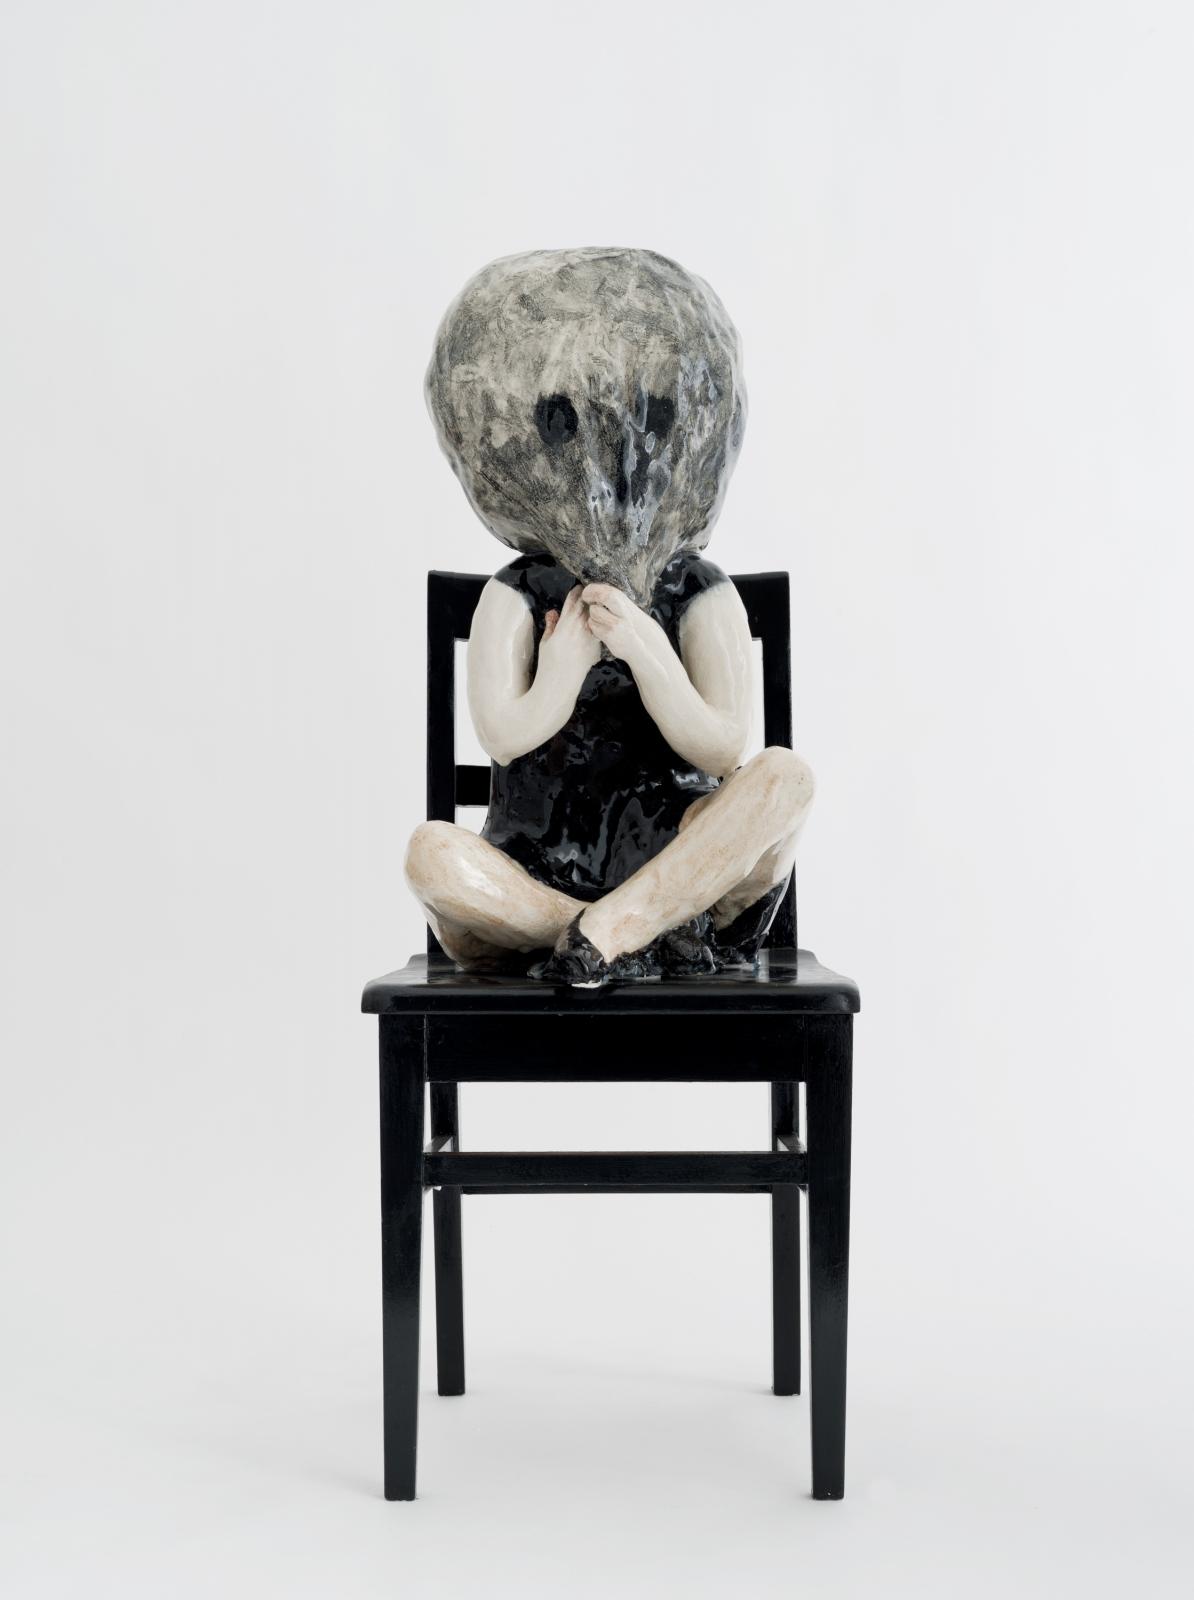 克拉拉·克莉斯塔洛娃 She's got a good head, 2010